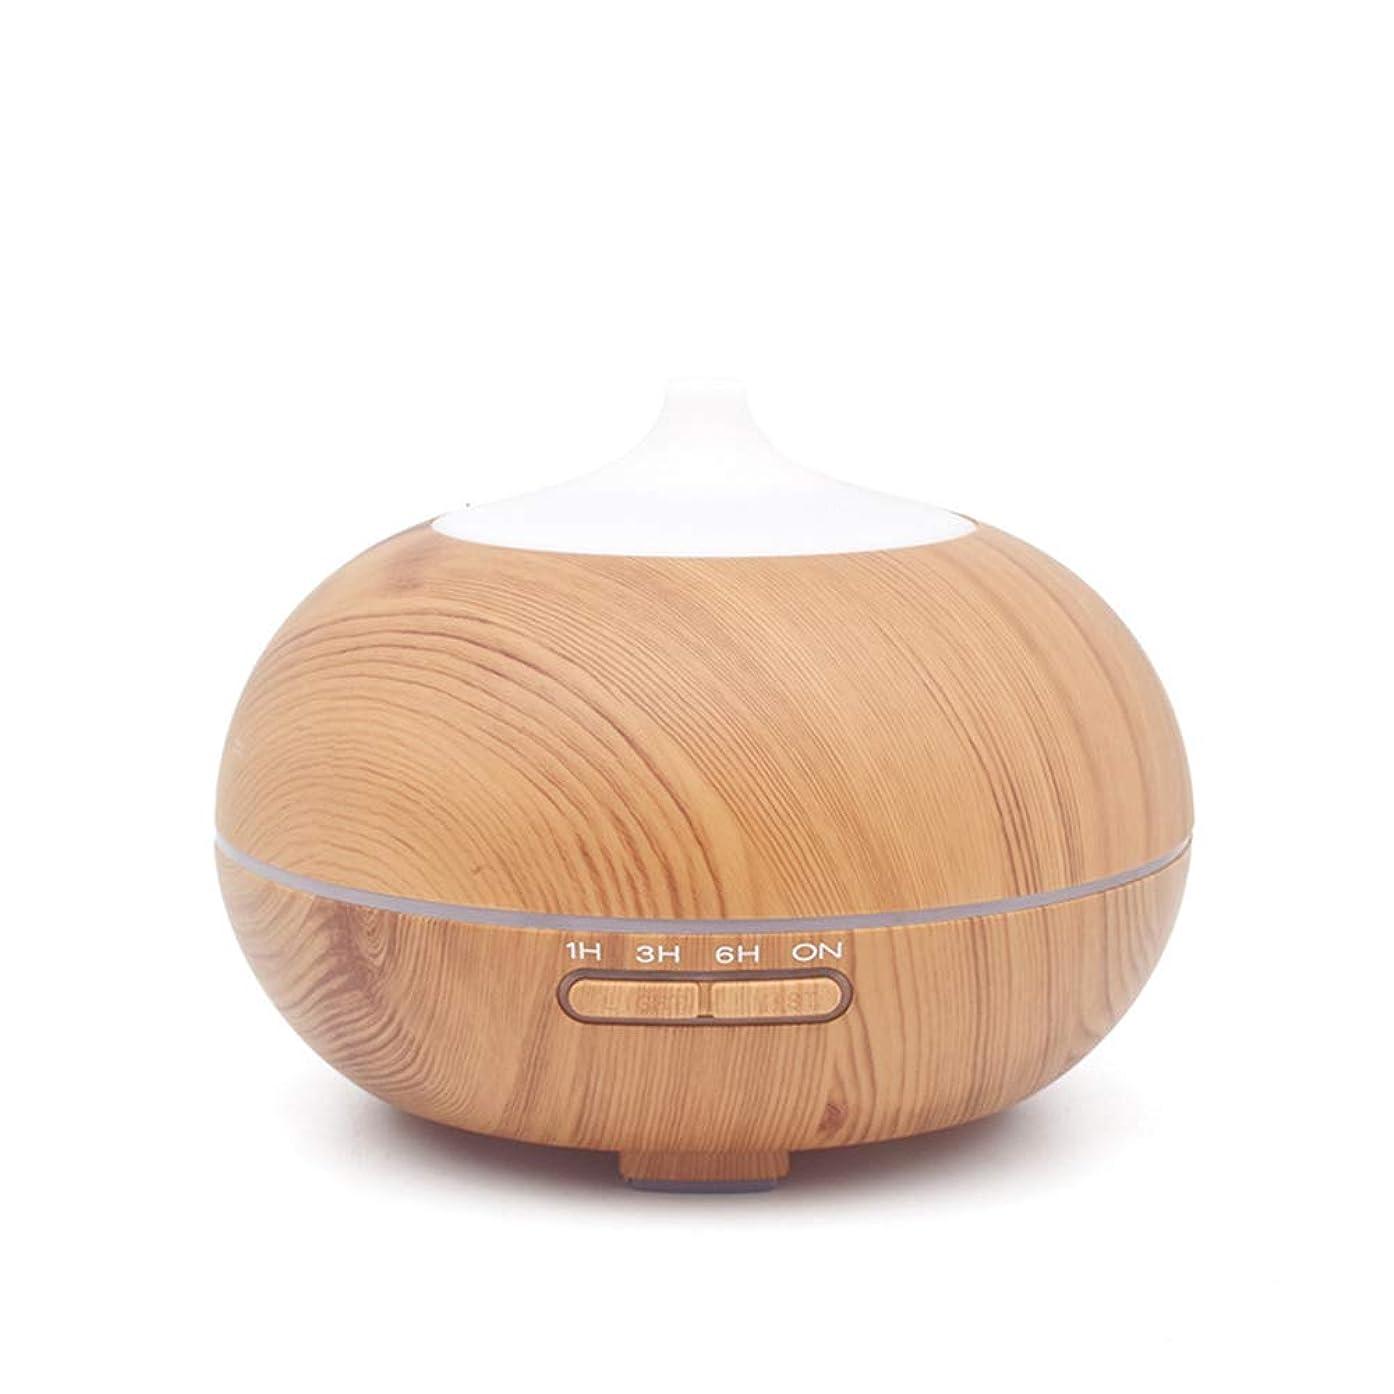 木製領域ハングアロマディフューザー、600mlネブライザールーム加湿器ウッドグレインアロマテラピーウッドグレインアロマディフューザー電動アロマランプオイルディフューザーLEDアロマランプ